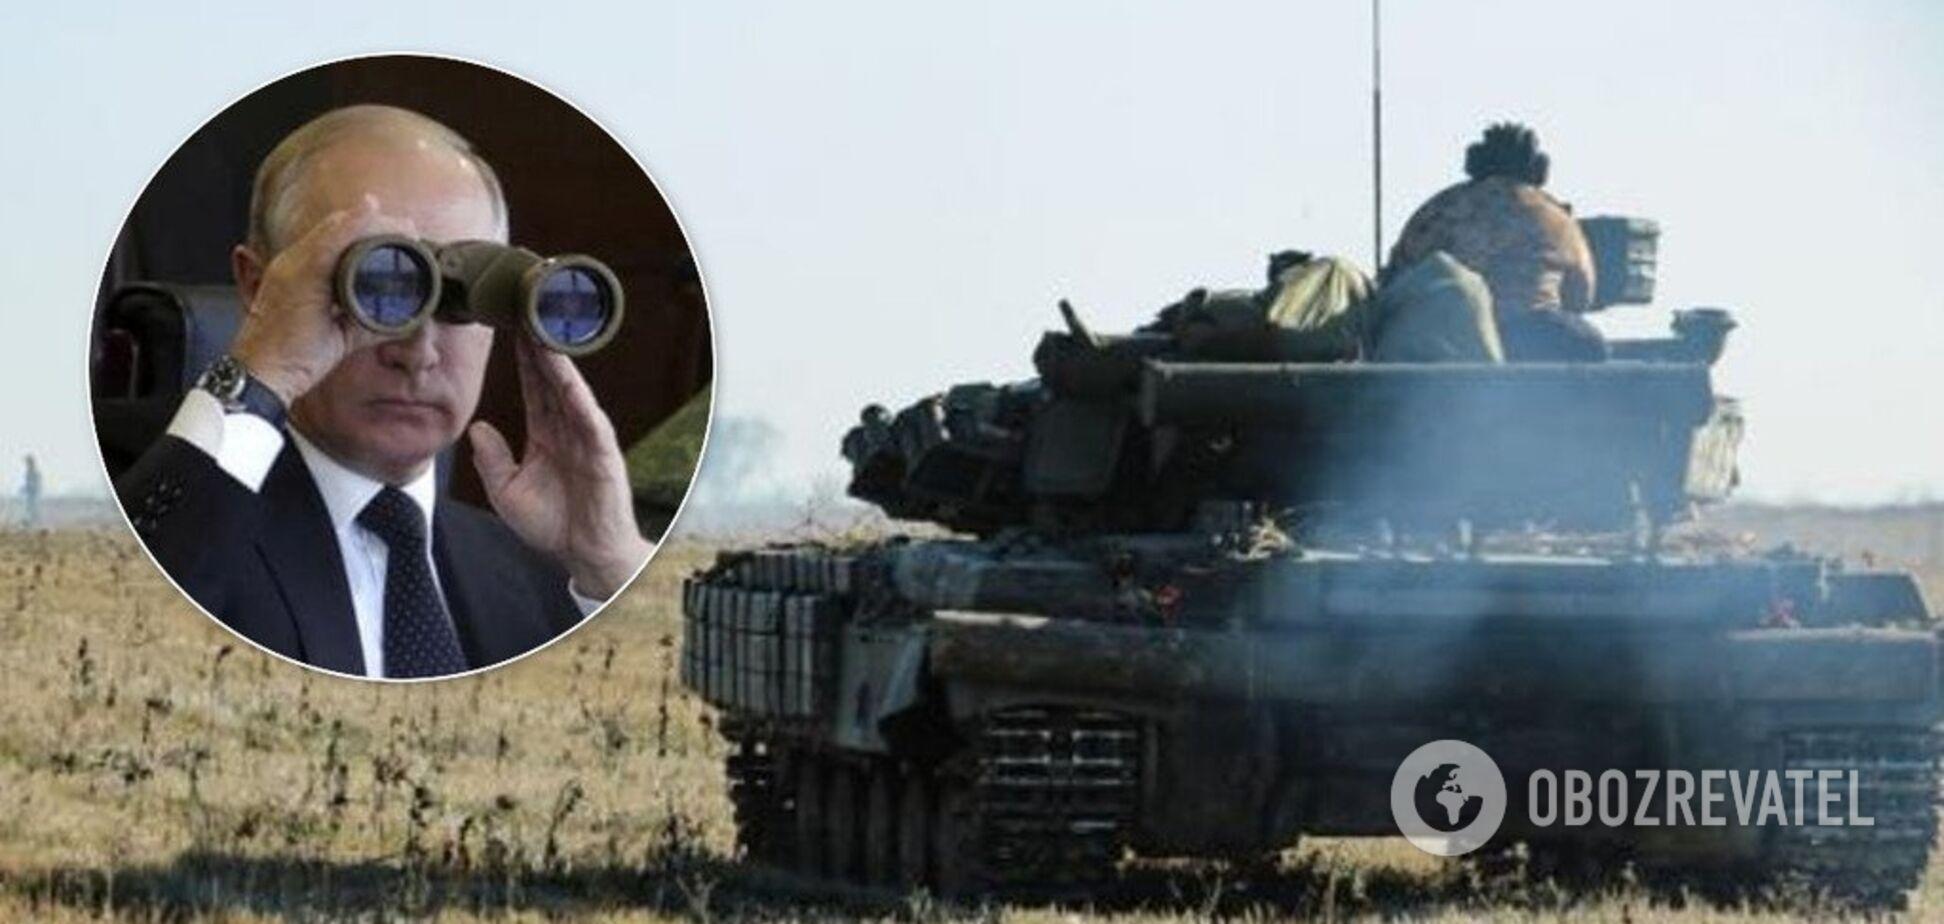 Володимир Путін, бінокль, танк